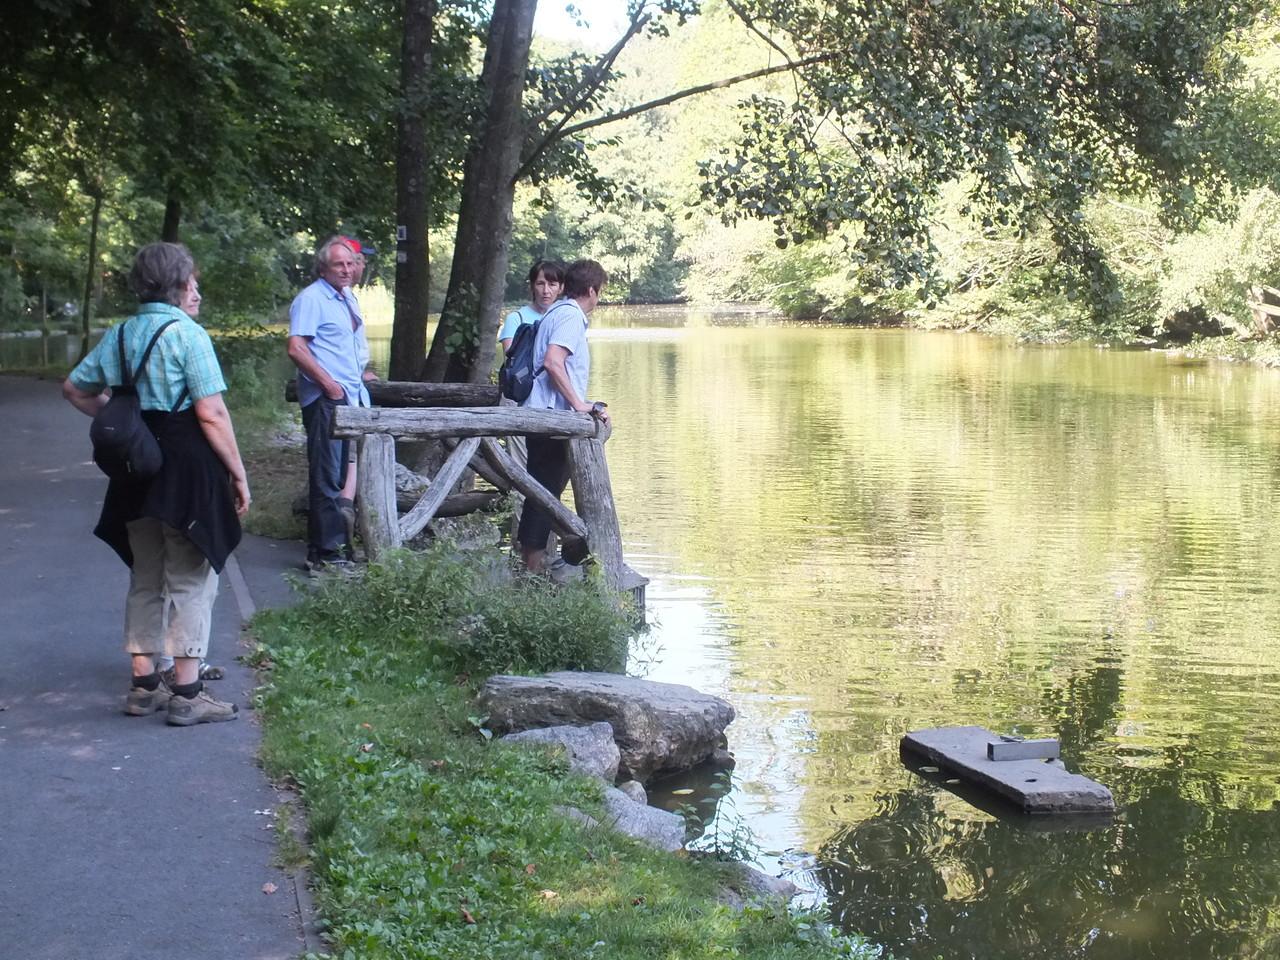 Fasanerie & Lufthof - 09.09.12 - schon gewusst? Es gibt einen See in der Fasanerie!